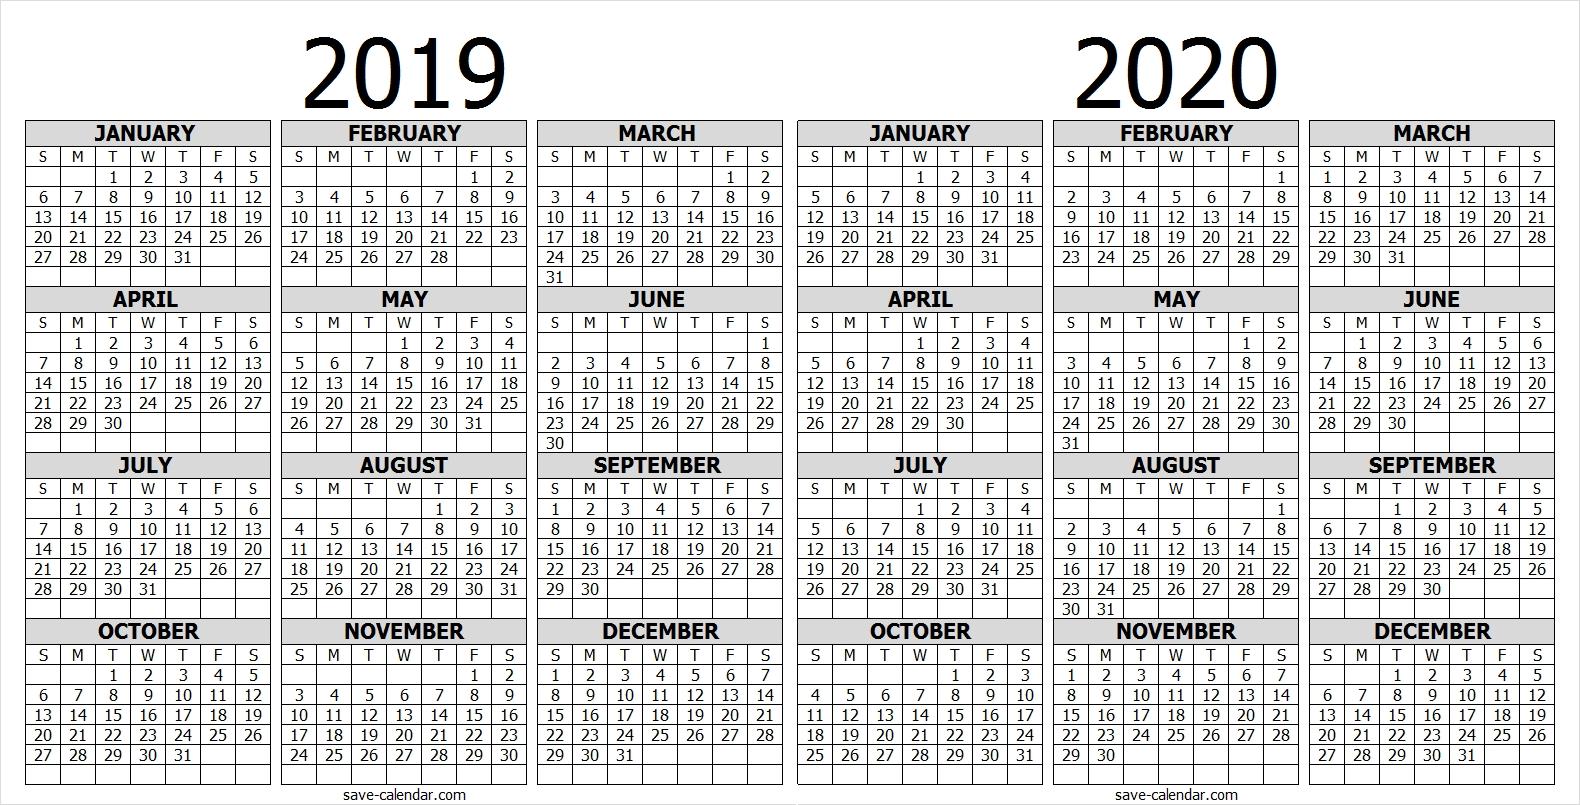 Calendar 2019 2020 One Page | 2019 Calendar | Free Calendar pertaining to Free Printaabke Calendars For 2019-2020